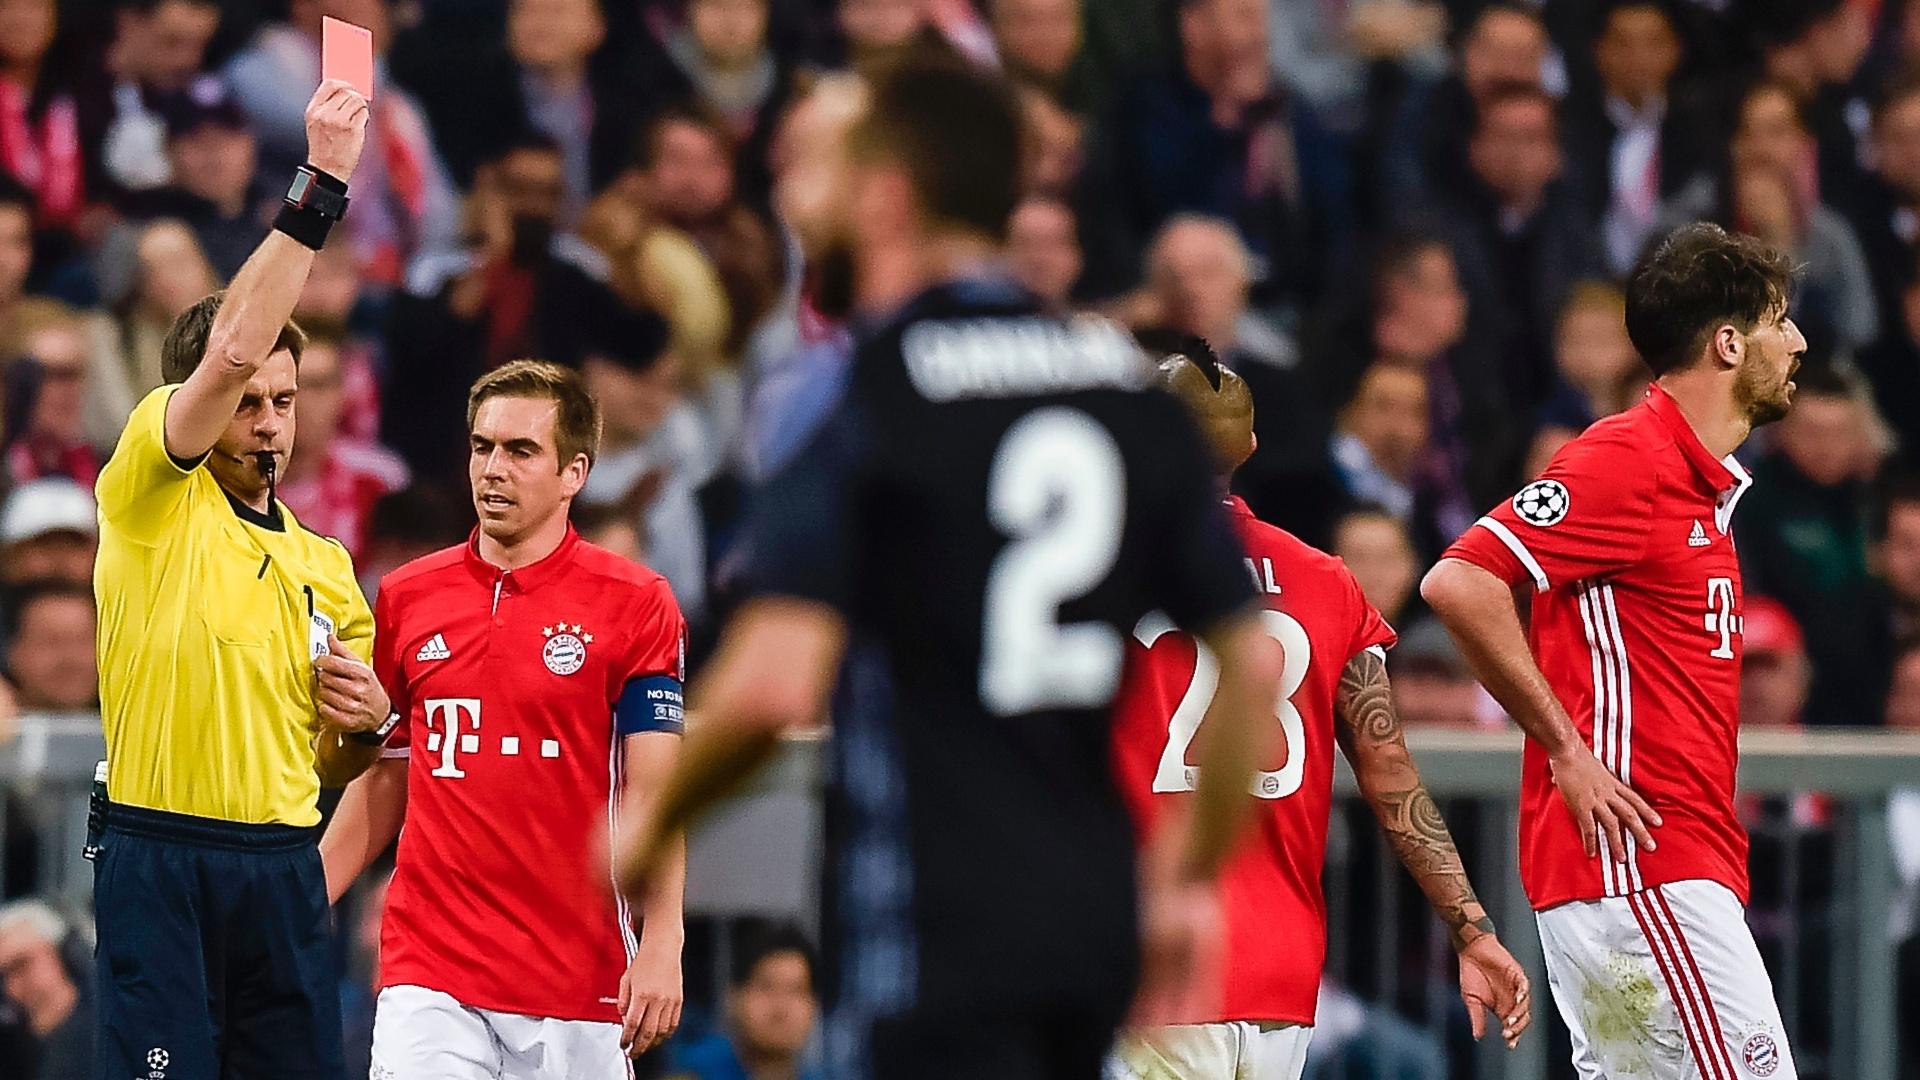 Javi Martinez (à direita) é expulso durante a partida entre Bayern de Munique e Real Madrid